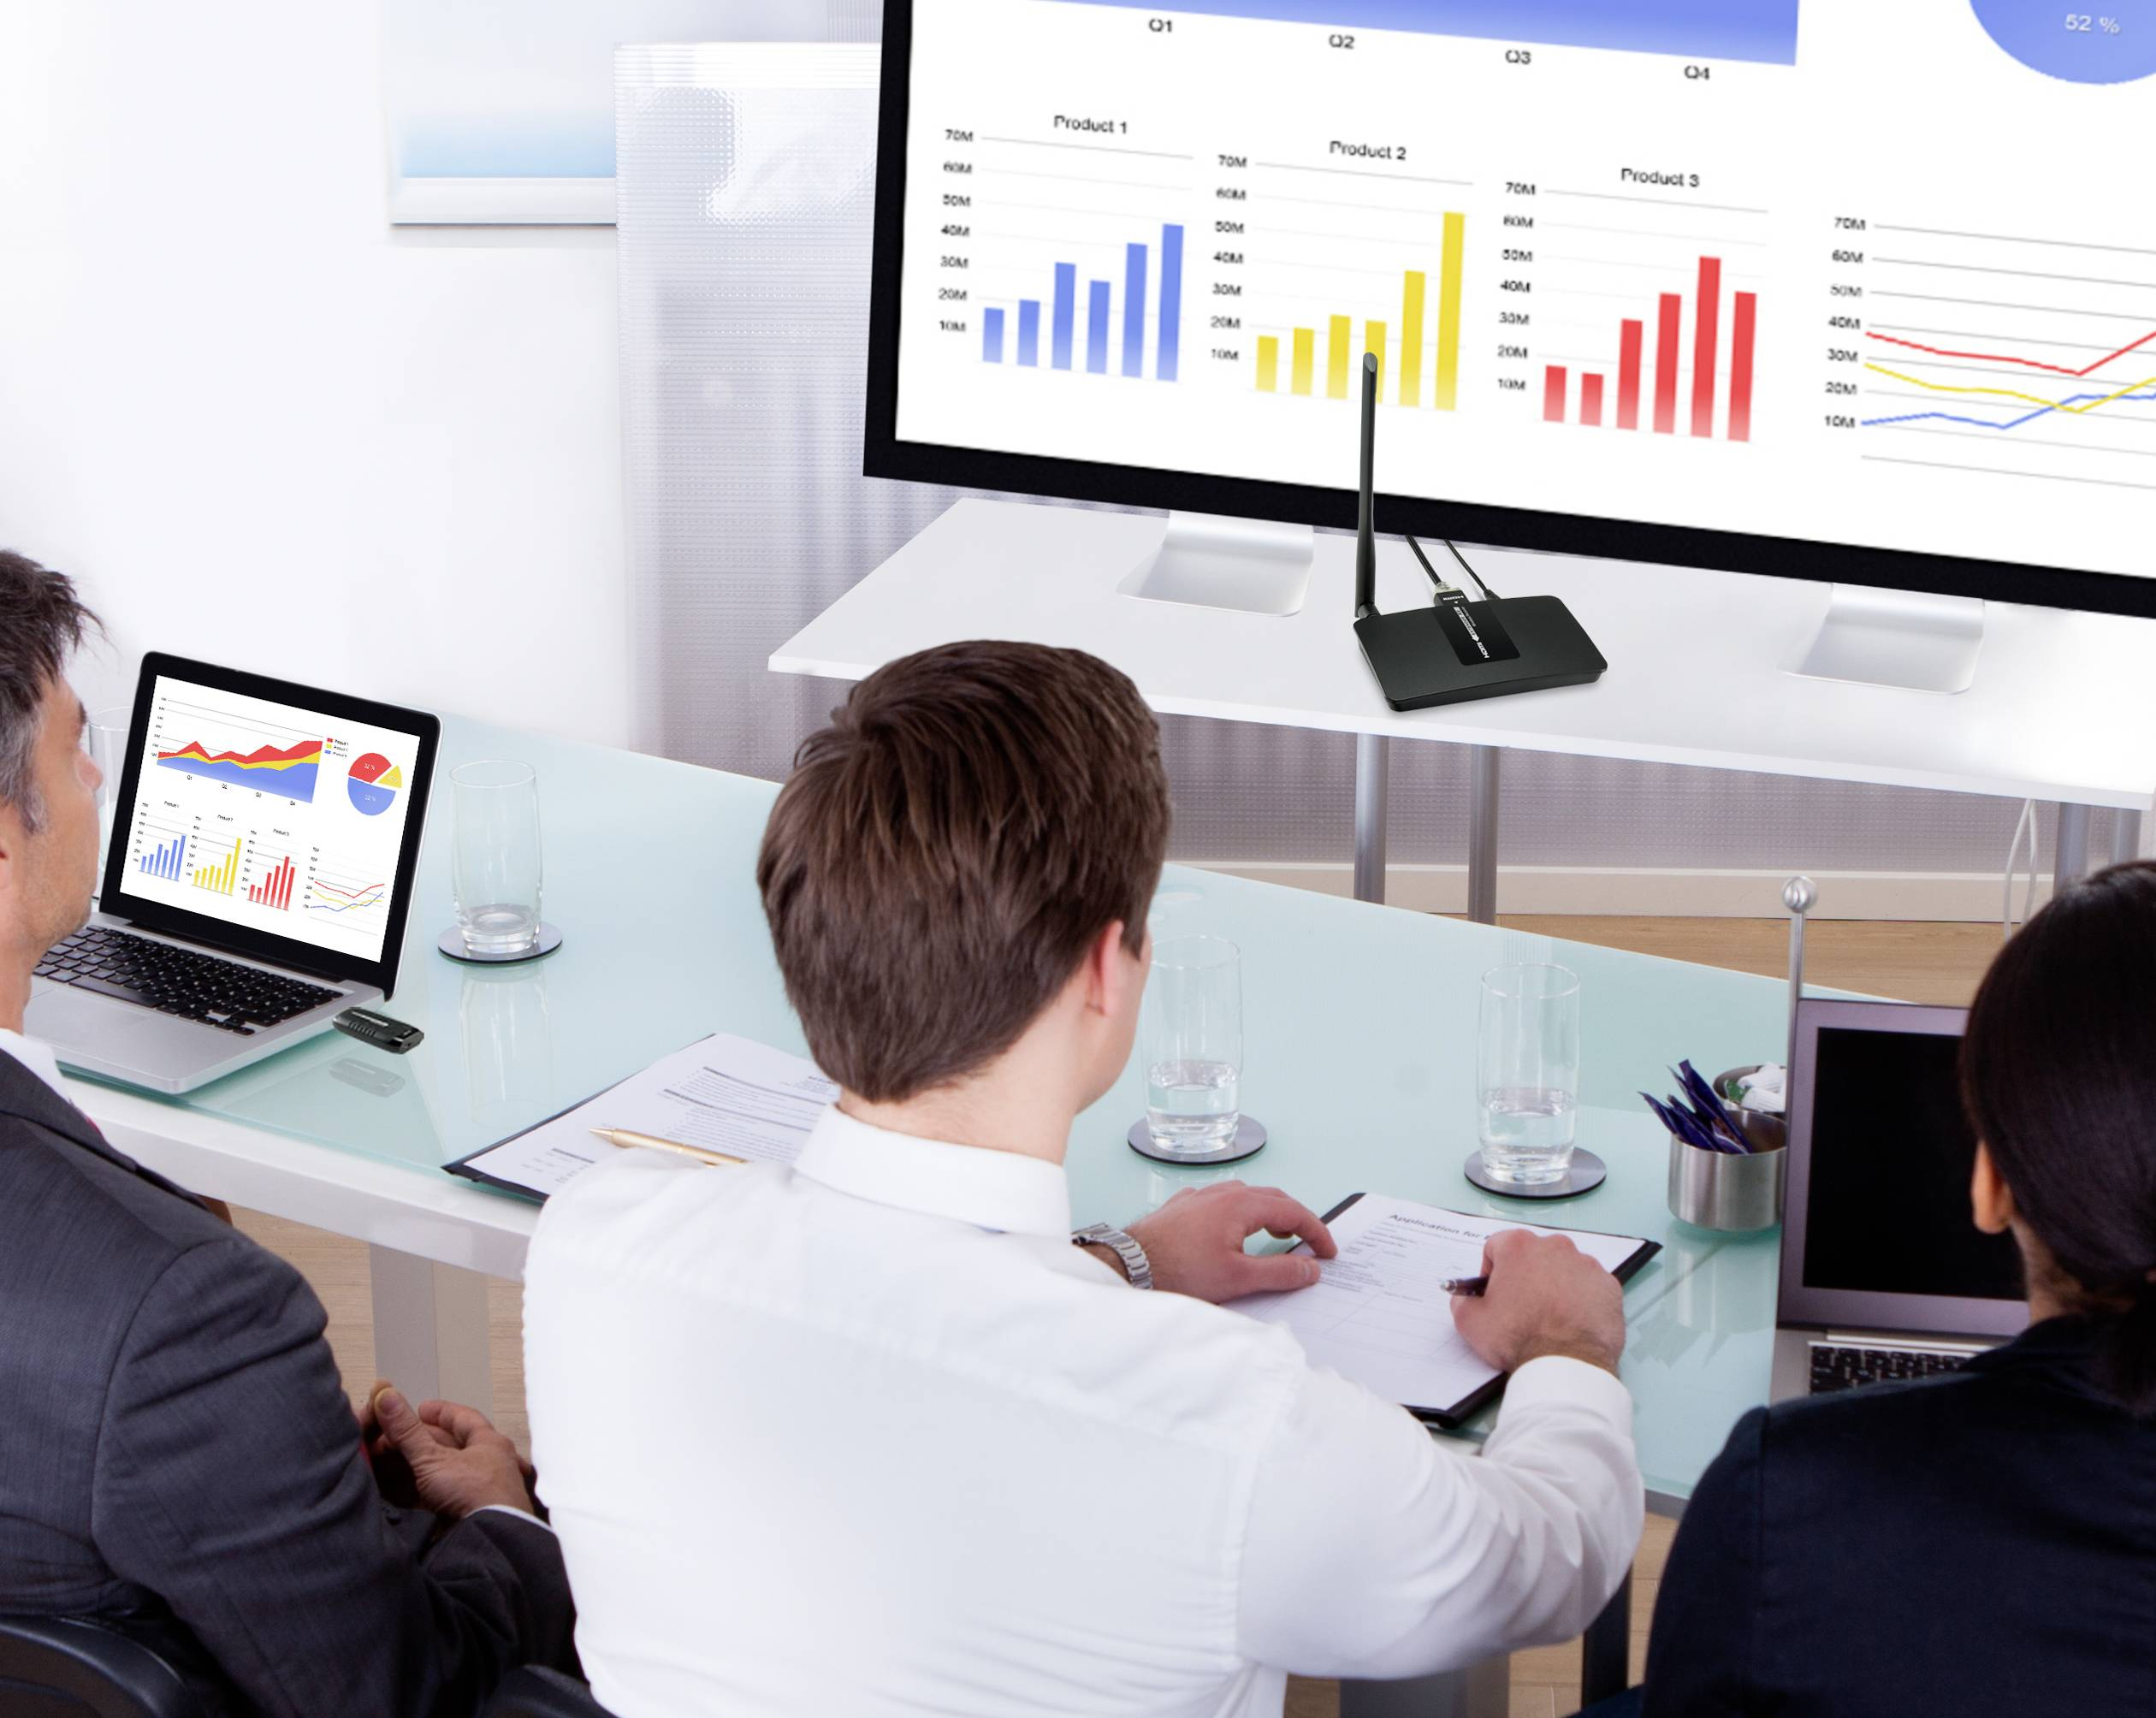 SpeaKa Professional  HDMI naprava za brezžični prenos (oddajnik) 15 m 5.8 kHz 1920 x 1080 piksel, 1280 x 720 piksel, 720